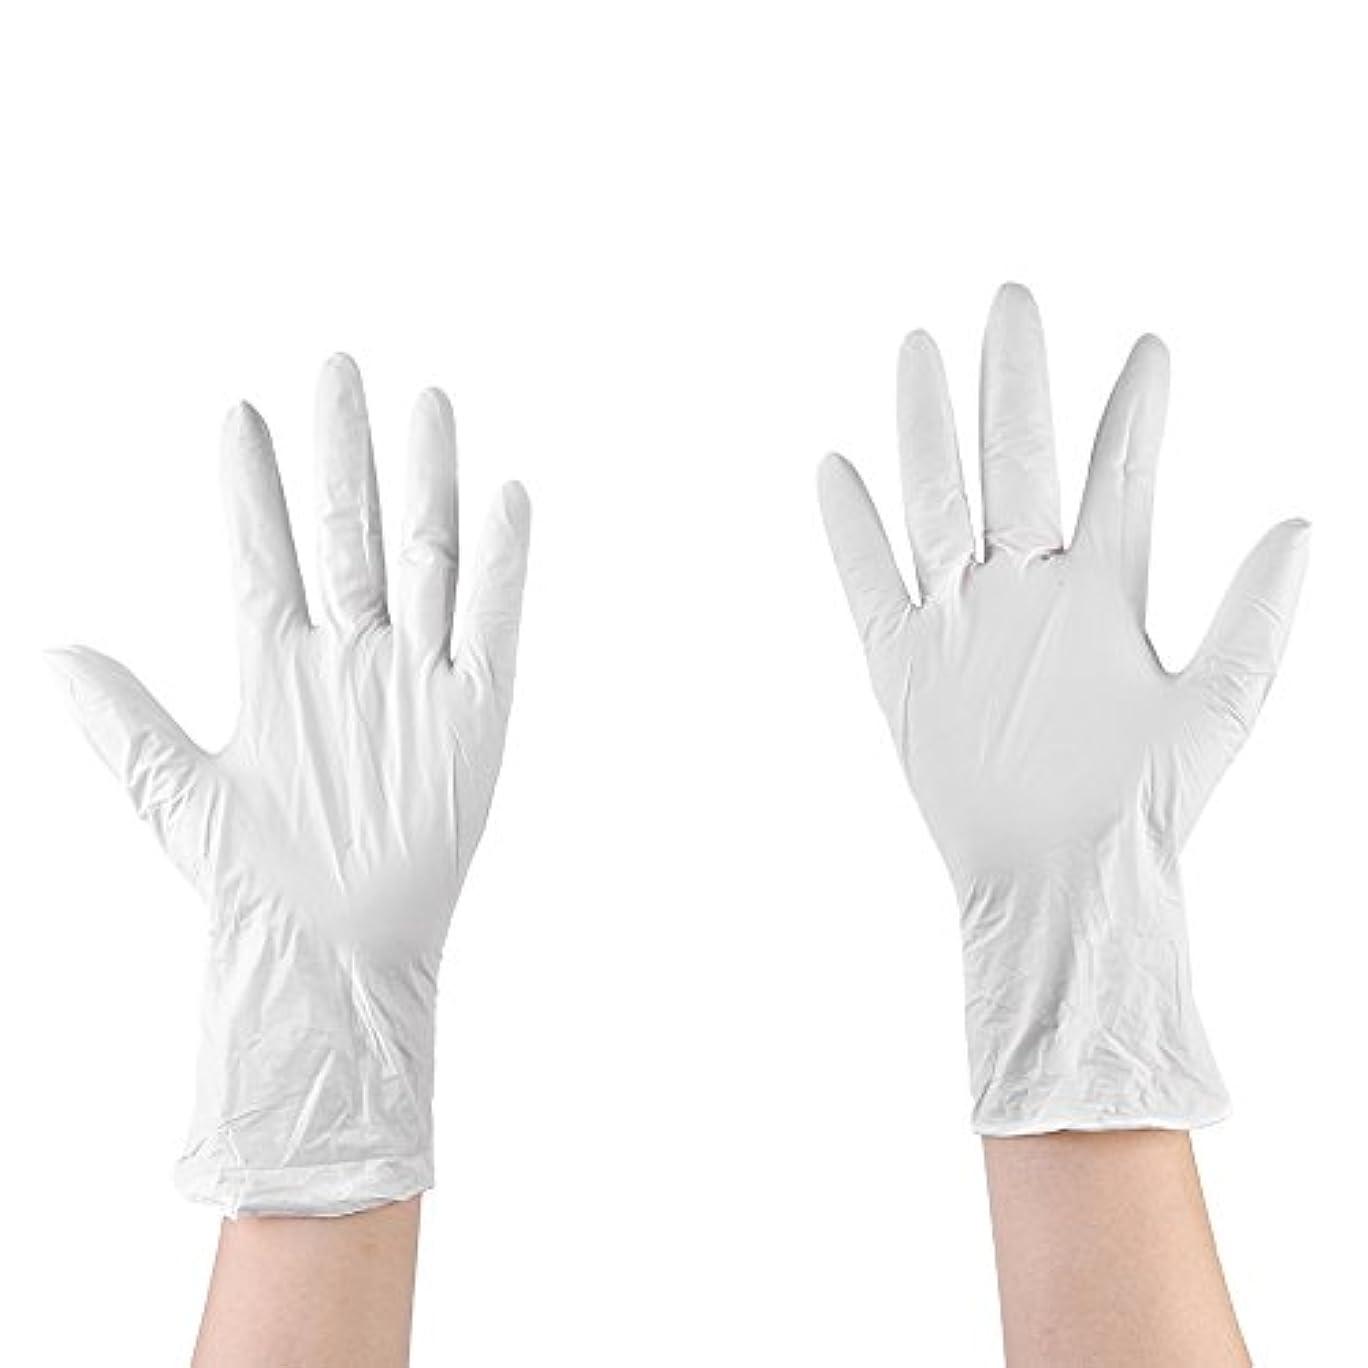 宿命ライナー飢え使い捨て手袋 ニトリルグローブ ホワイト 粉なし タトゥー/歯科/病院/研究室に適応 M/L選択可 50枚 左右兼用 作業手袋(M)